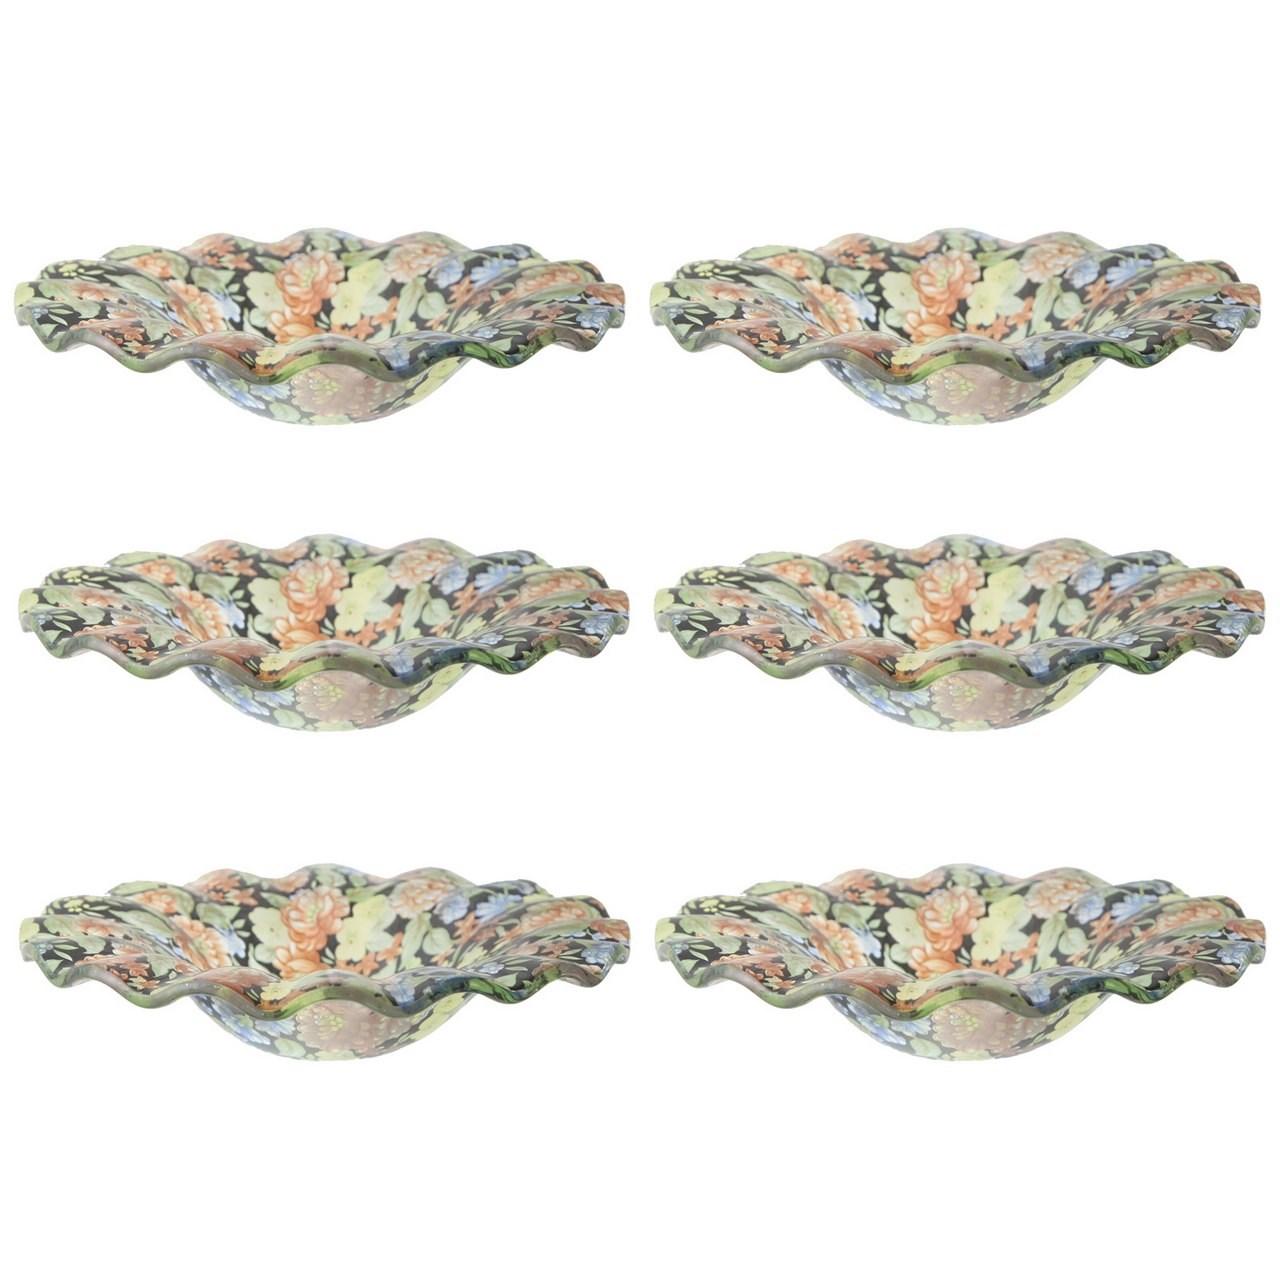 پیش دستی شیشه ای گالری سیلیس کد 180068مجموعه شش عددی